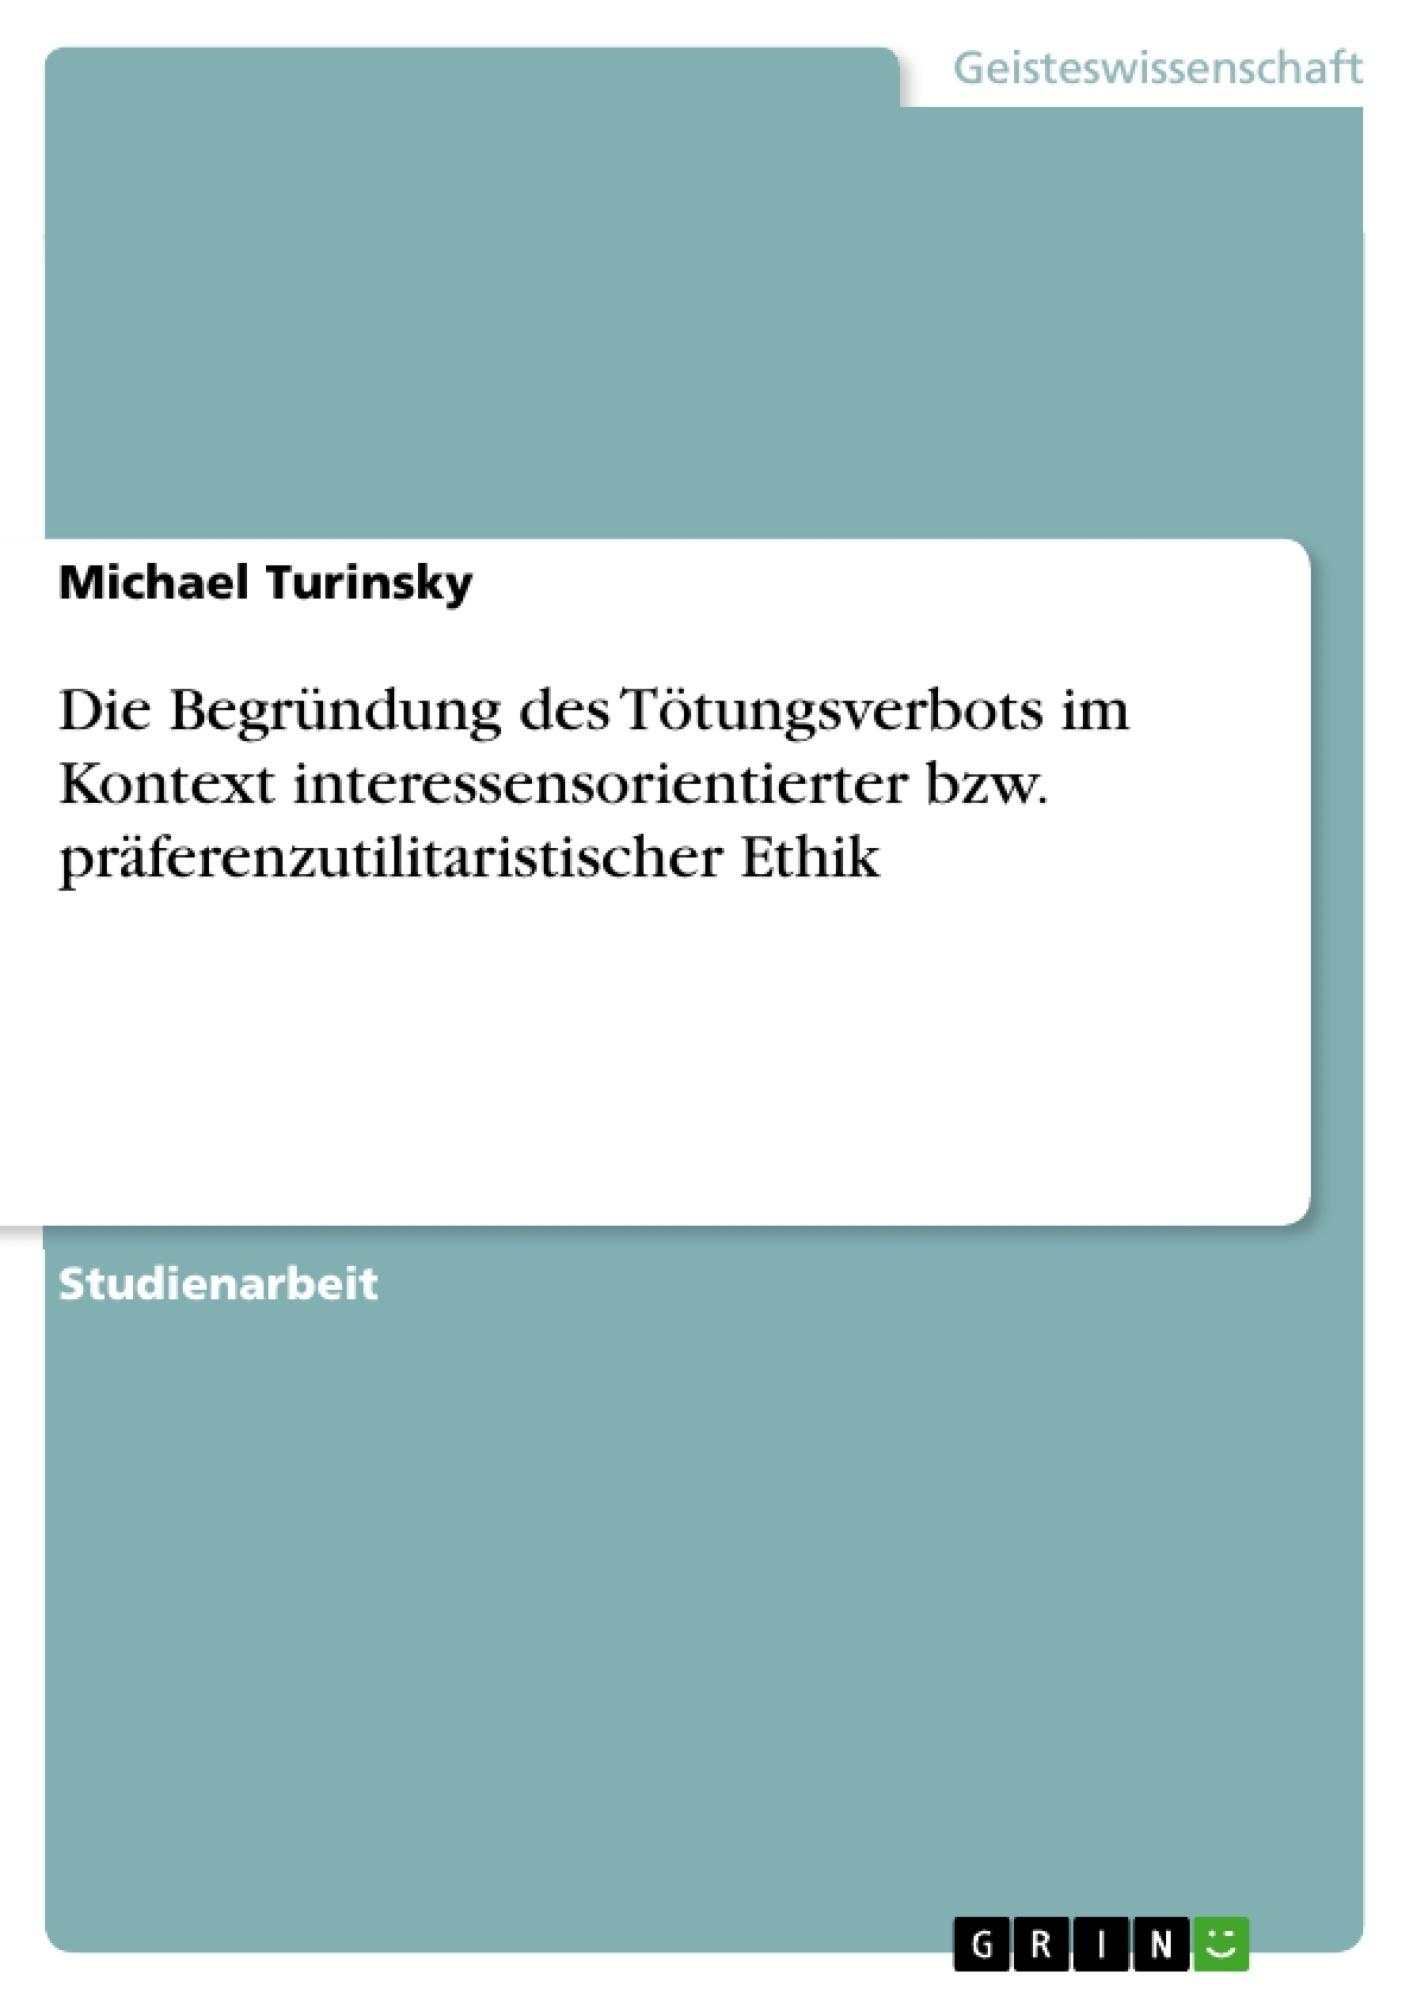 Titel: Die Begründung des Tötungsverbots im Kontext interessensorientierter bzw. präferenzutilitaristischer Ethik